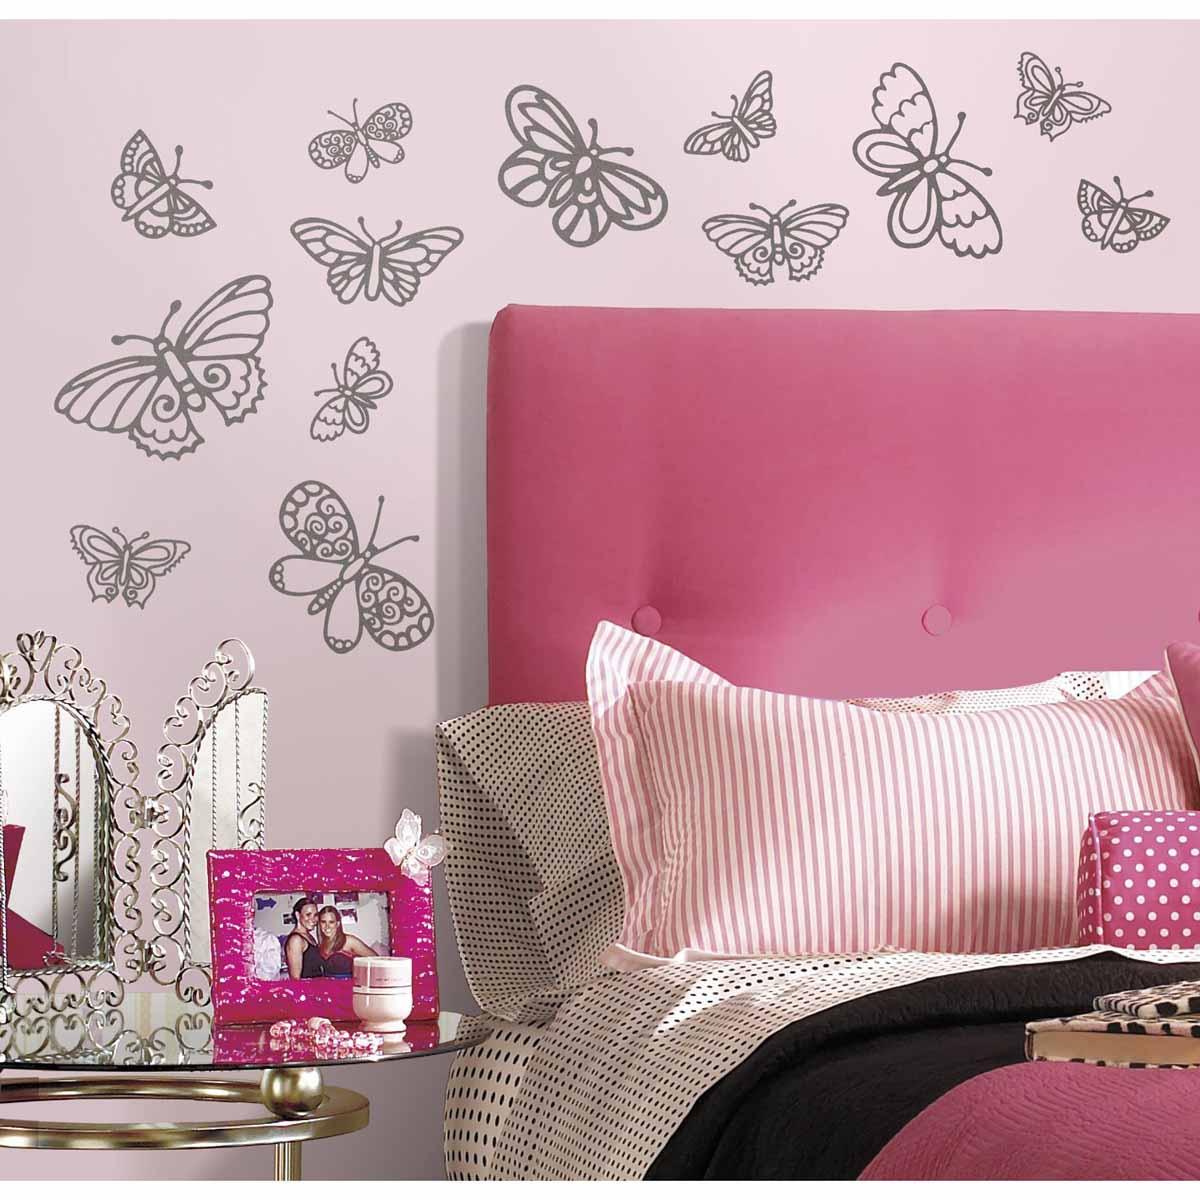 RoomMates Наклейка интерьерная Мерцающие бабочки 29 штRMK2637SCSИнтерьерная наклейка RoomMates Мерцающие бабочки обязательно станет украшением вашей квартиры. Придайте комнате новый вид с помощью стильного и оригинального набора наклеек для декора! Наклейки, входящие в набор, содержат изображения серебристых блестящих бабочек разного размера. Всего в наборе 29 стикеров. Наклейки не нужно вырезать - их следует просто отсоединить от защитного слоя и поместить на стену или любую другую плоскую гладкую поверхность. Наклейки многоразовые: их легко переклеивать и снимать со стены, они не оставляют липких следов на поверхности. В каждой индивидуальной упаковке вы можете найти 4 листа с различными наклейками!